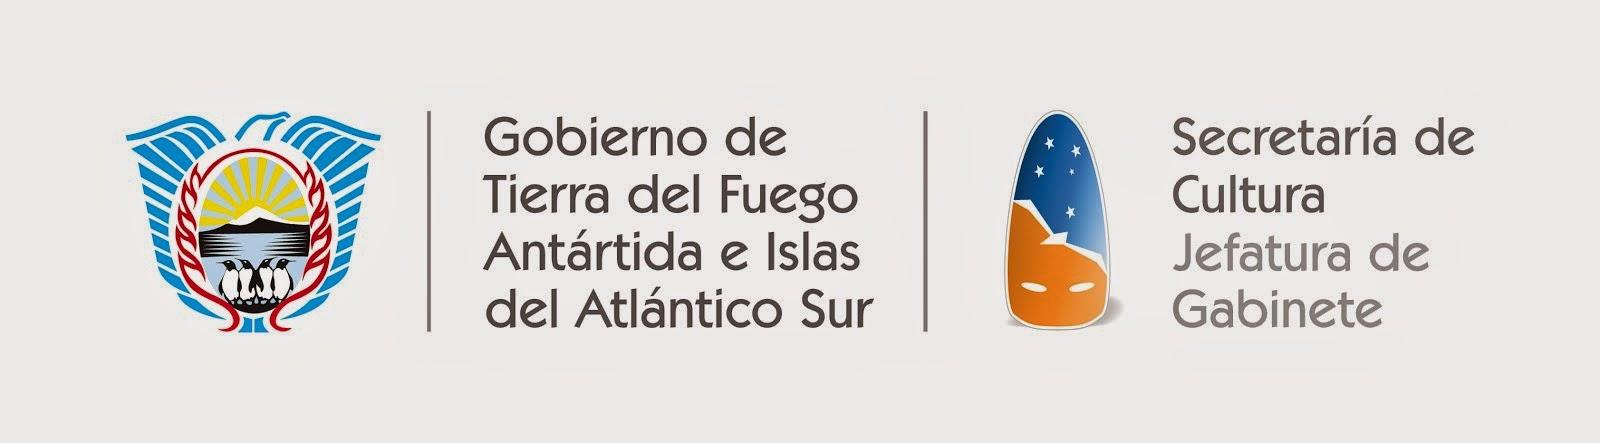 Secretaria de Cultura Tierra del Fuego